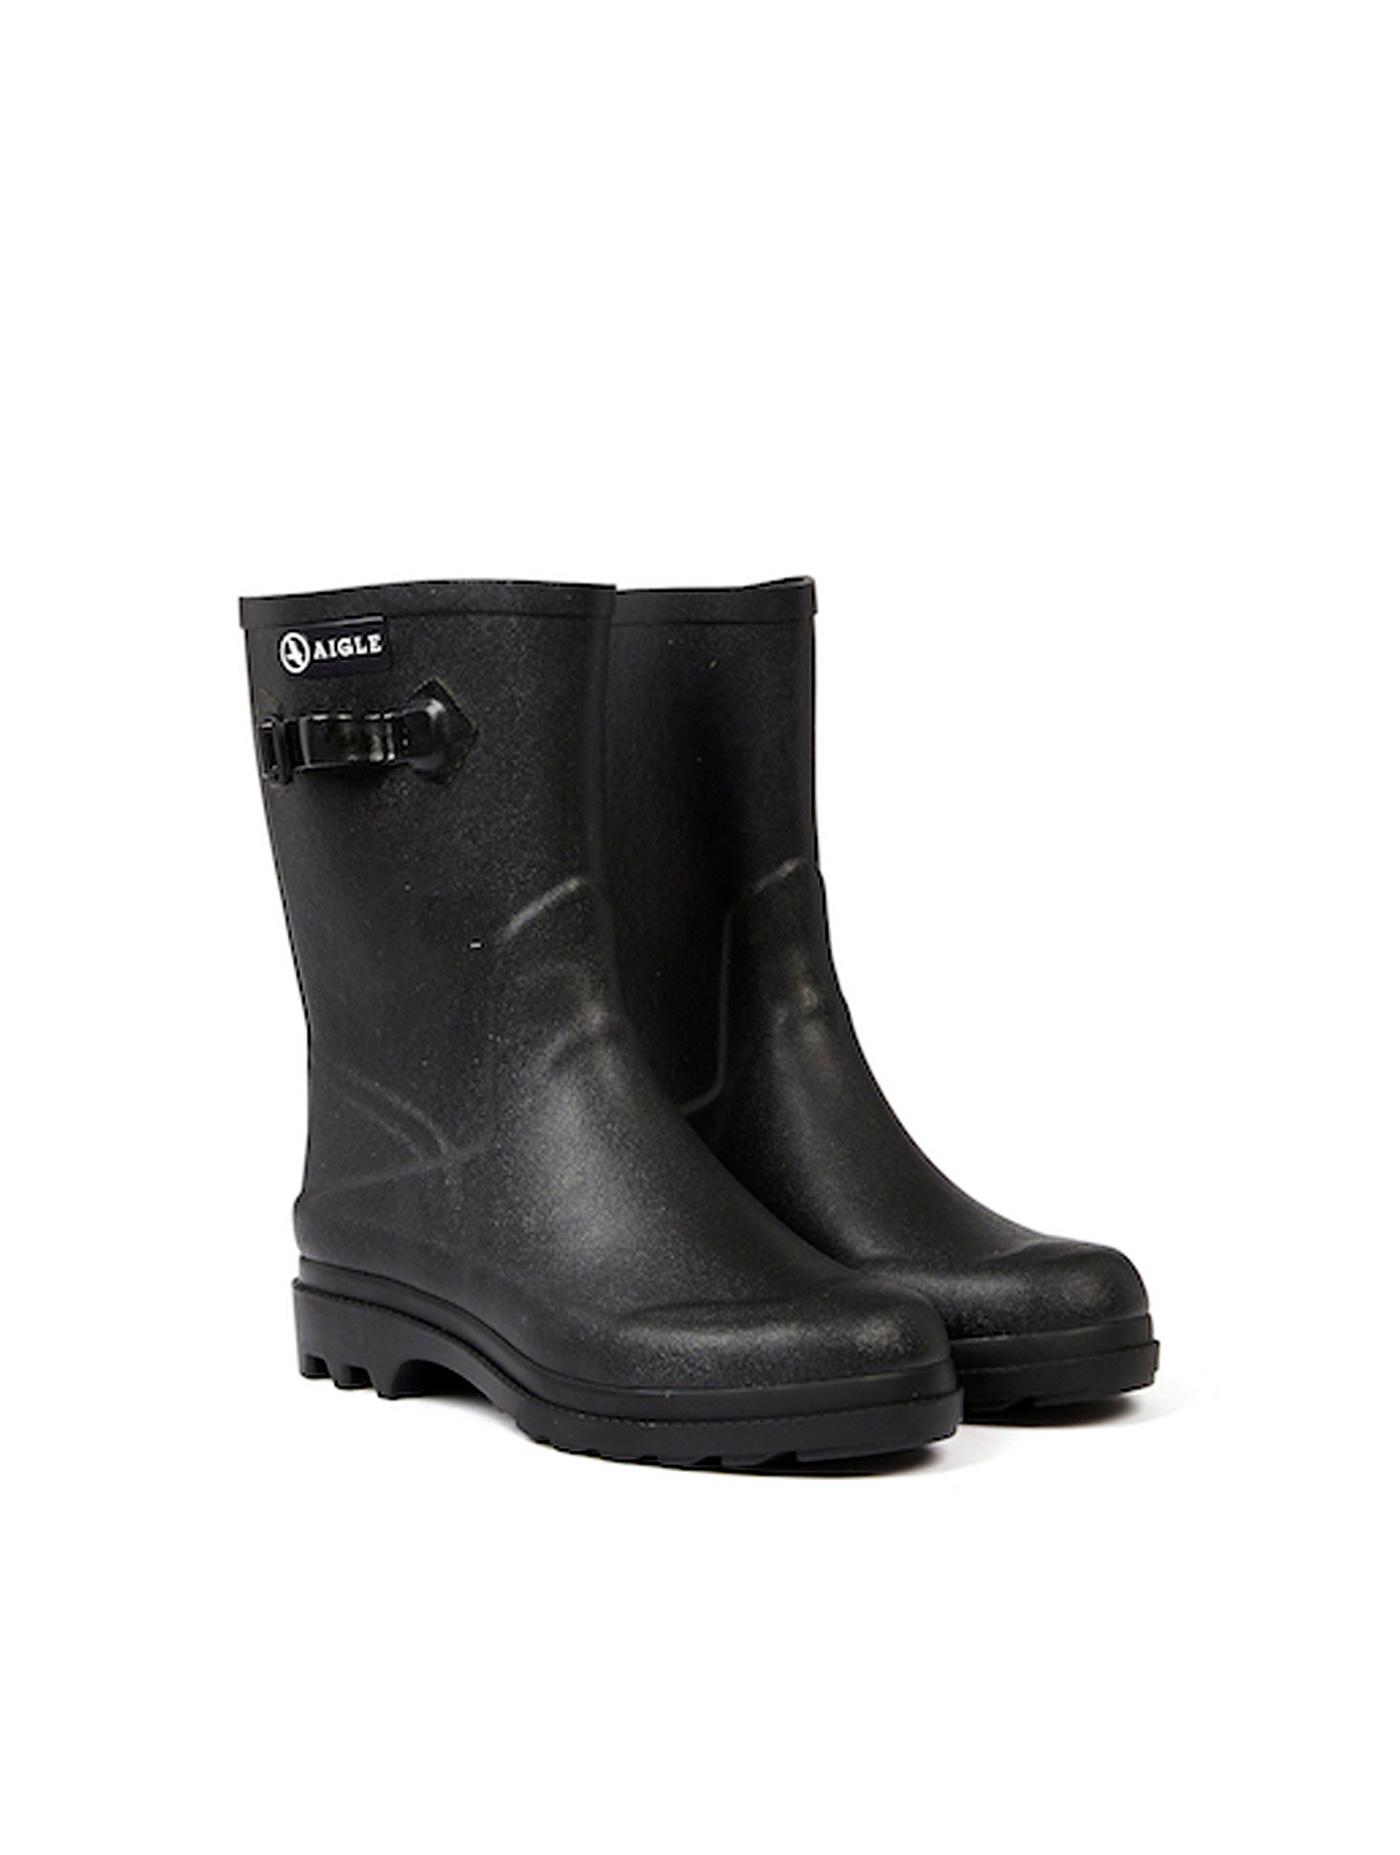 2e0311b375f ICARE | Men's rubber ankle boots Noir | Aiglemen | AIGLE